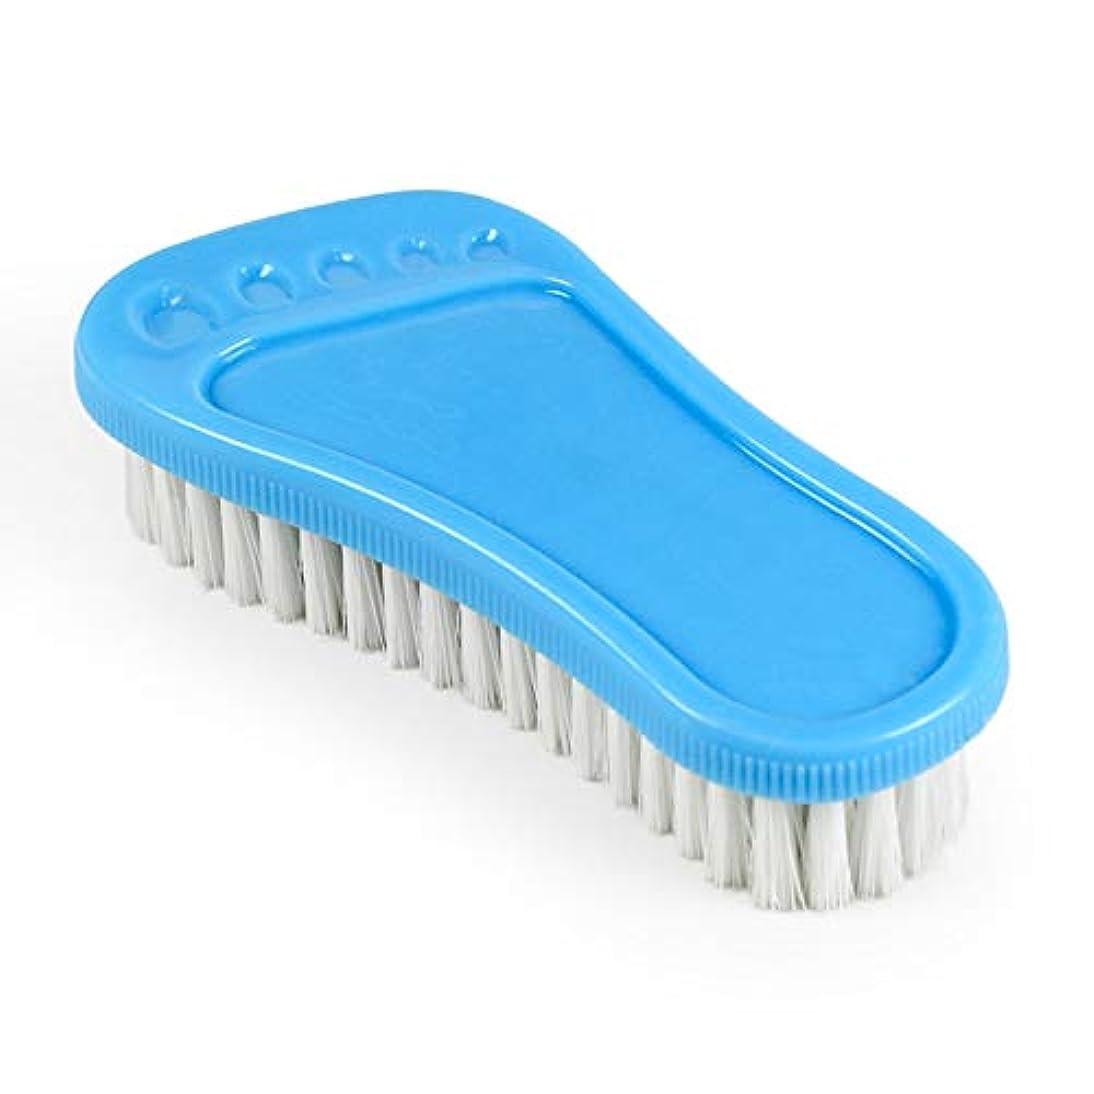 ポアクリーニング 小さな足首プラスチックの柔らかい髪多目的靴のブラシ洗面器のブラシのクリーニングブラシバスのブラシ2 PCS マッサージブラシ